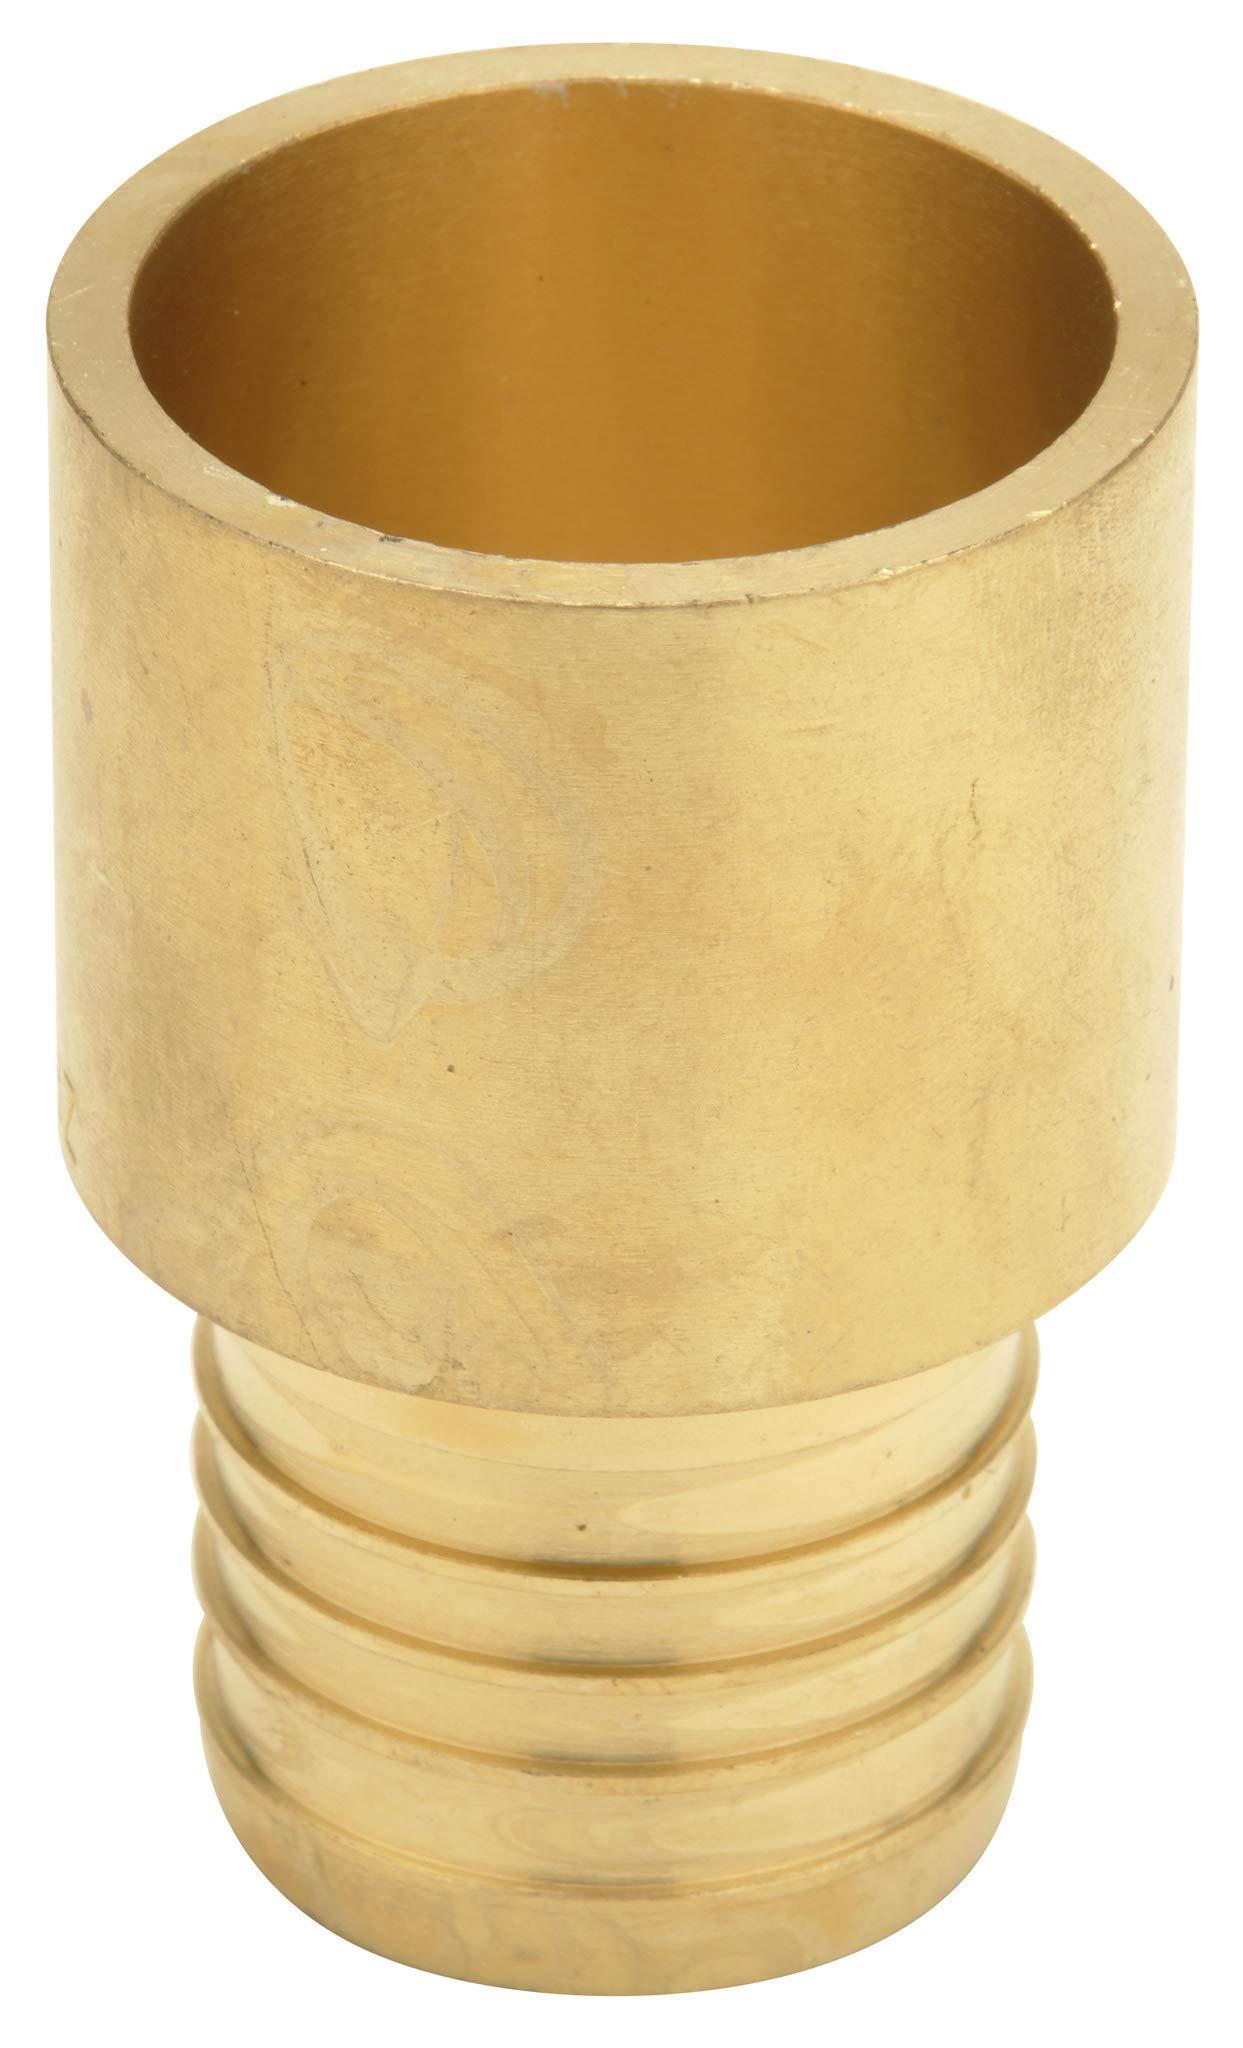 """Zurn QQ675CX Crimp Male Sweat Adapter, Small Diameter, 3/4"""" Male Sweat x 3/4"""" Barb, Copper (Pack of 50)"""